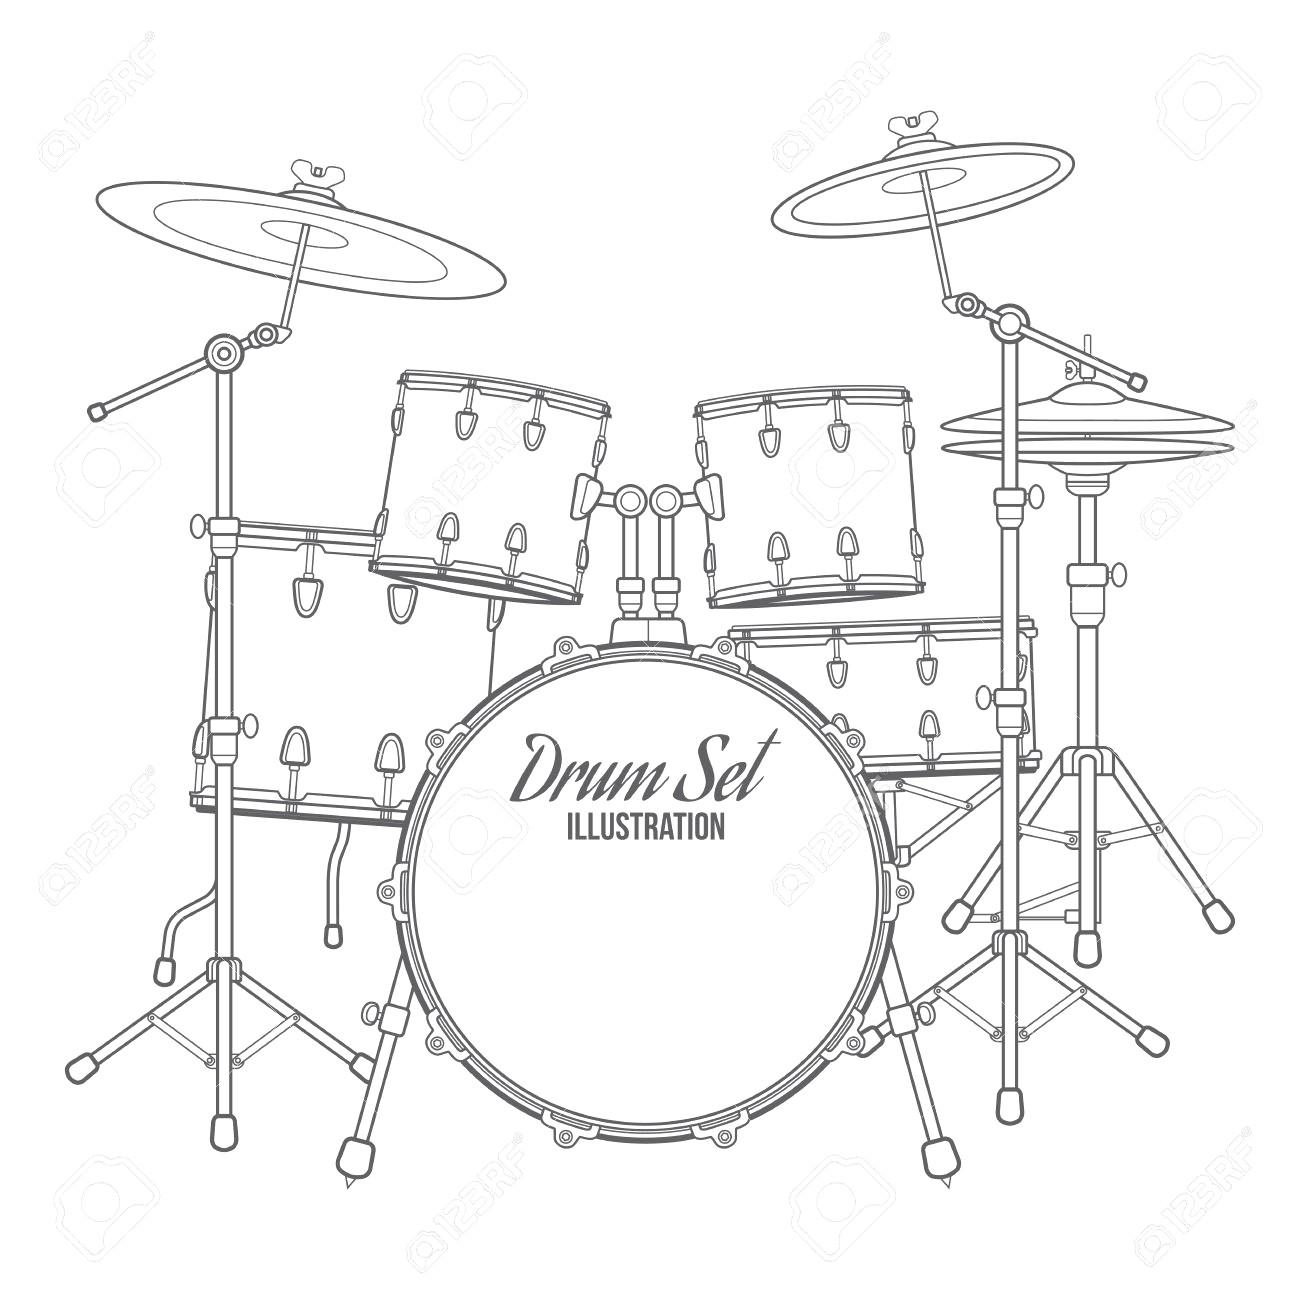 Drum Kit Sketch At Paintingvalley